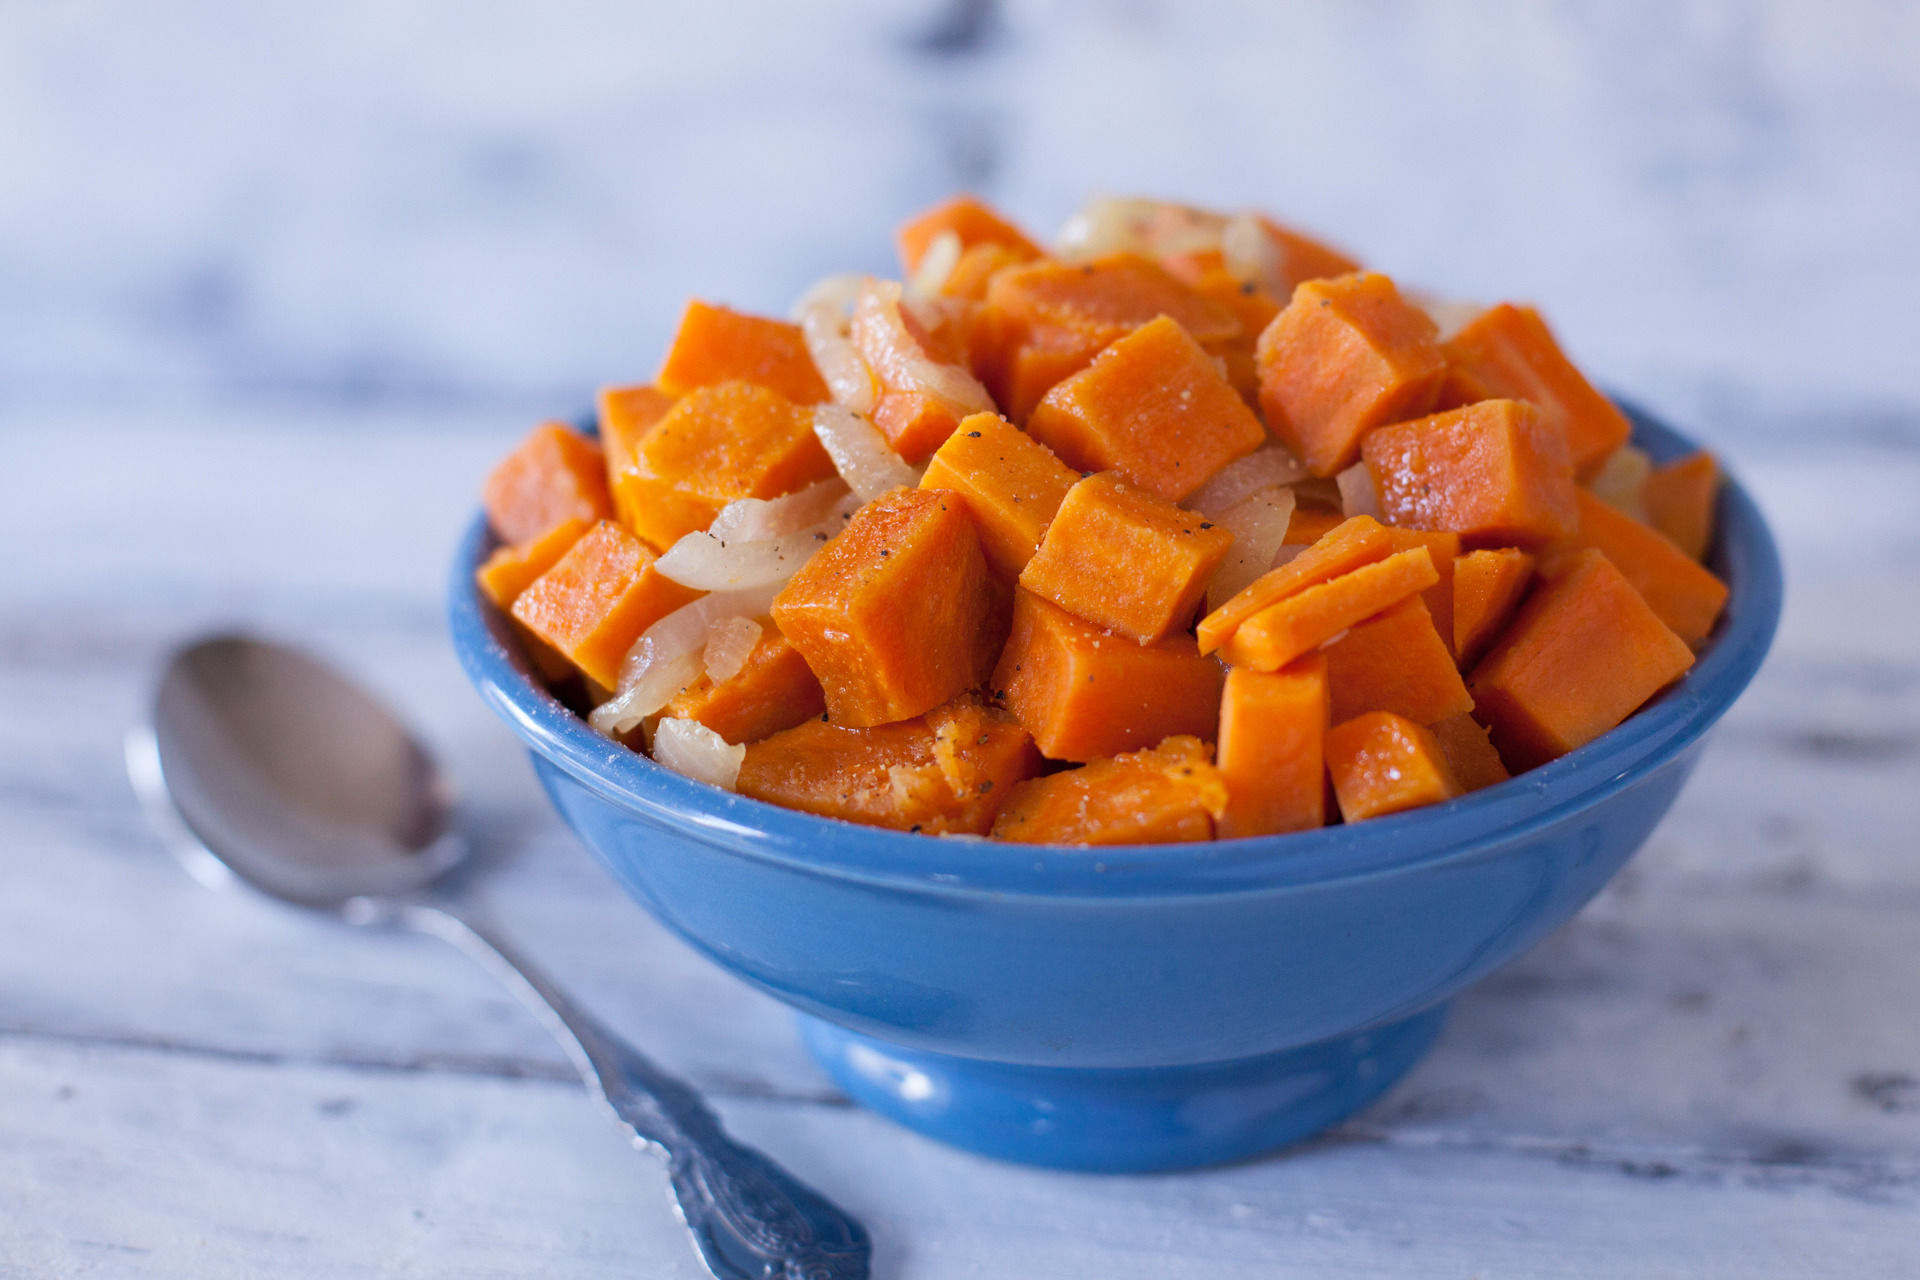 patates douces, idée coupe faim puissant, quoi manger pour maigrir, comment se rassasier facilement